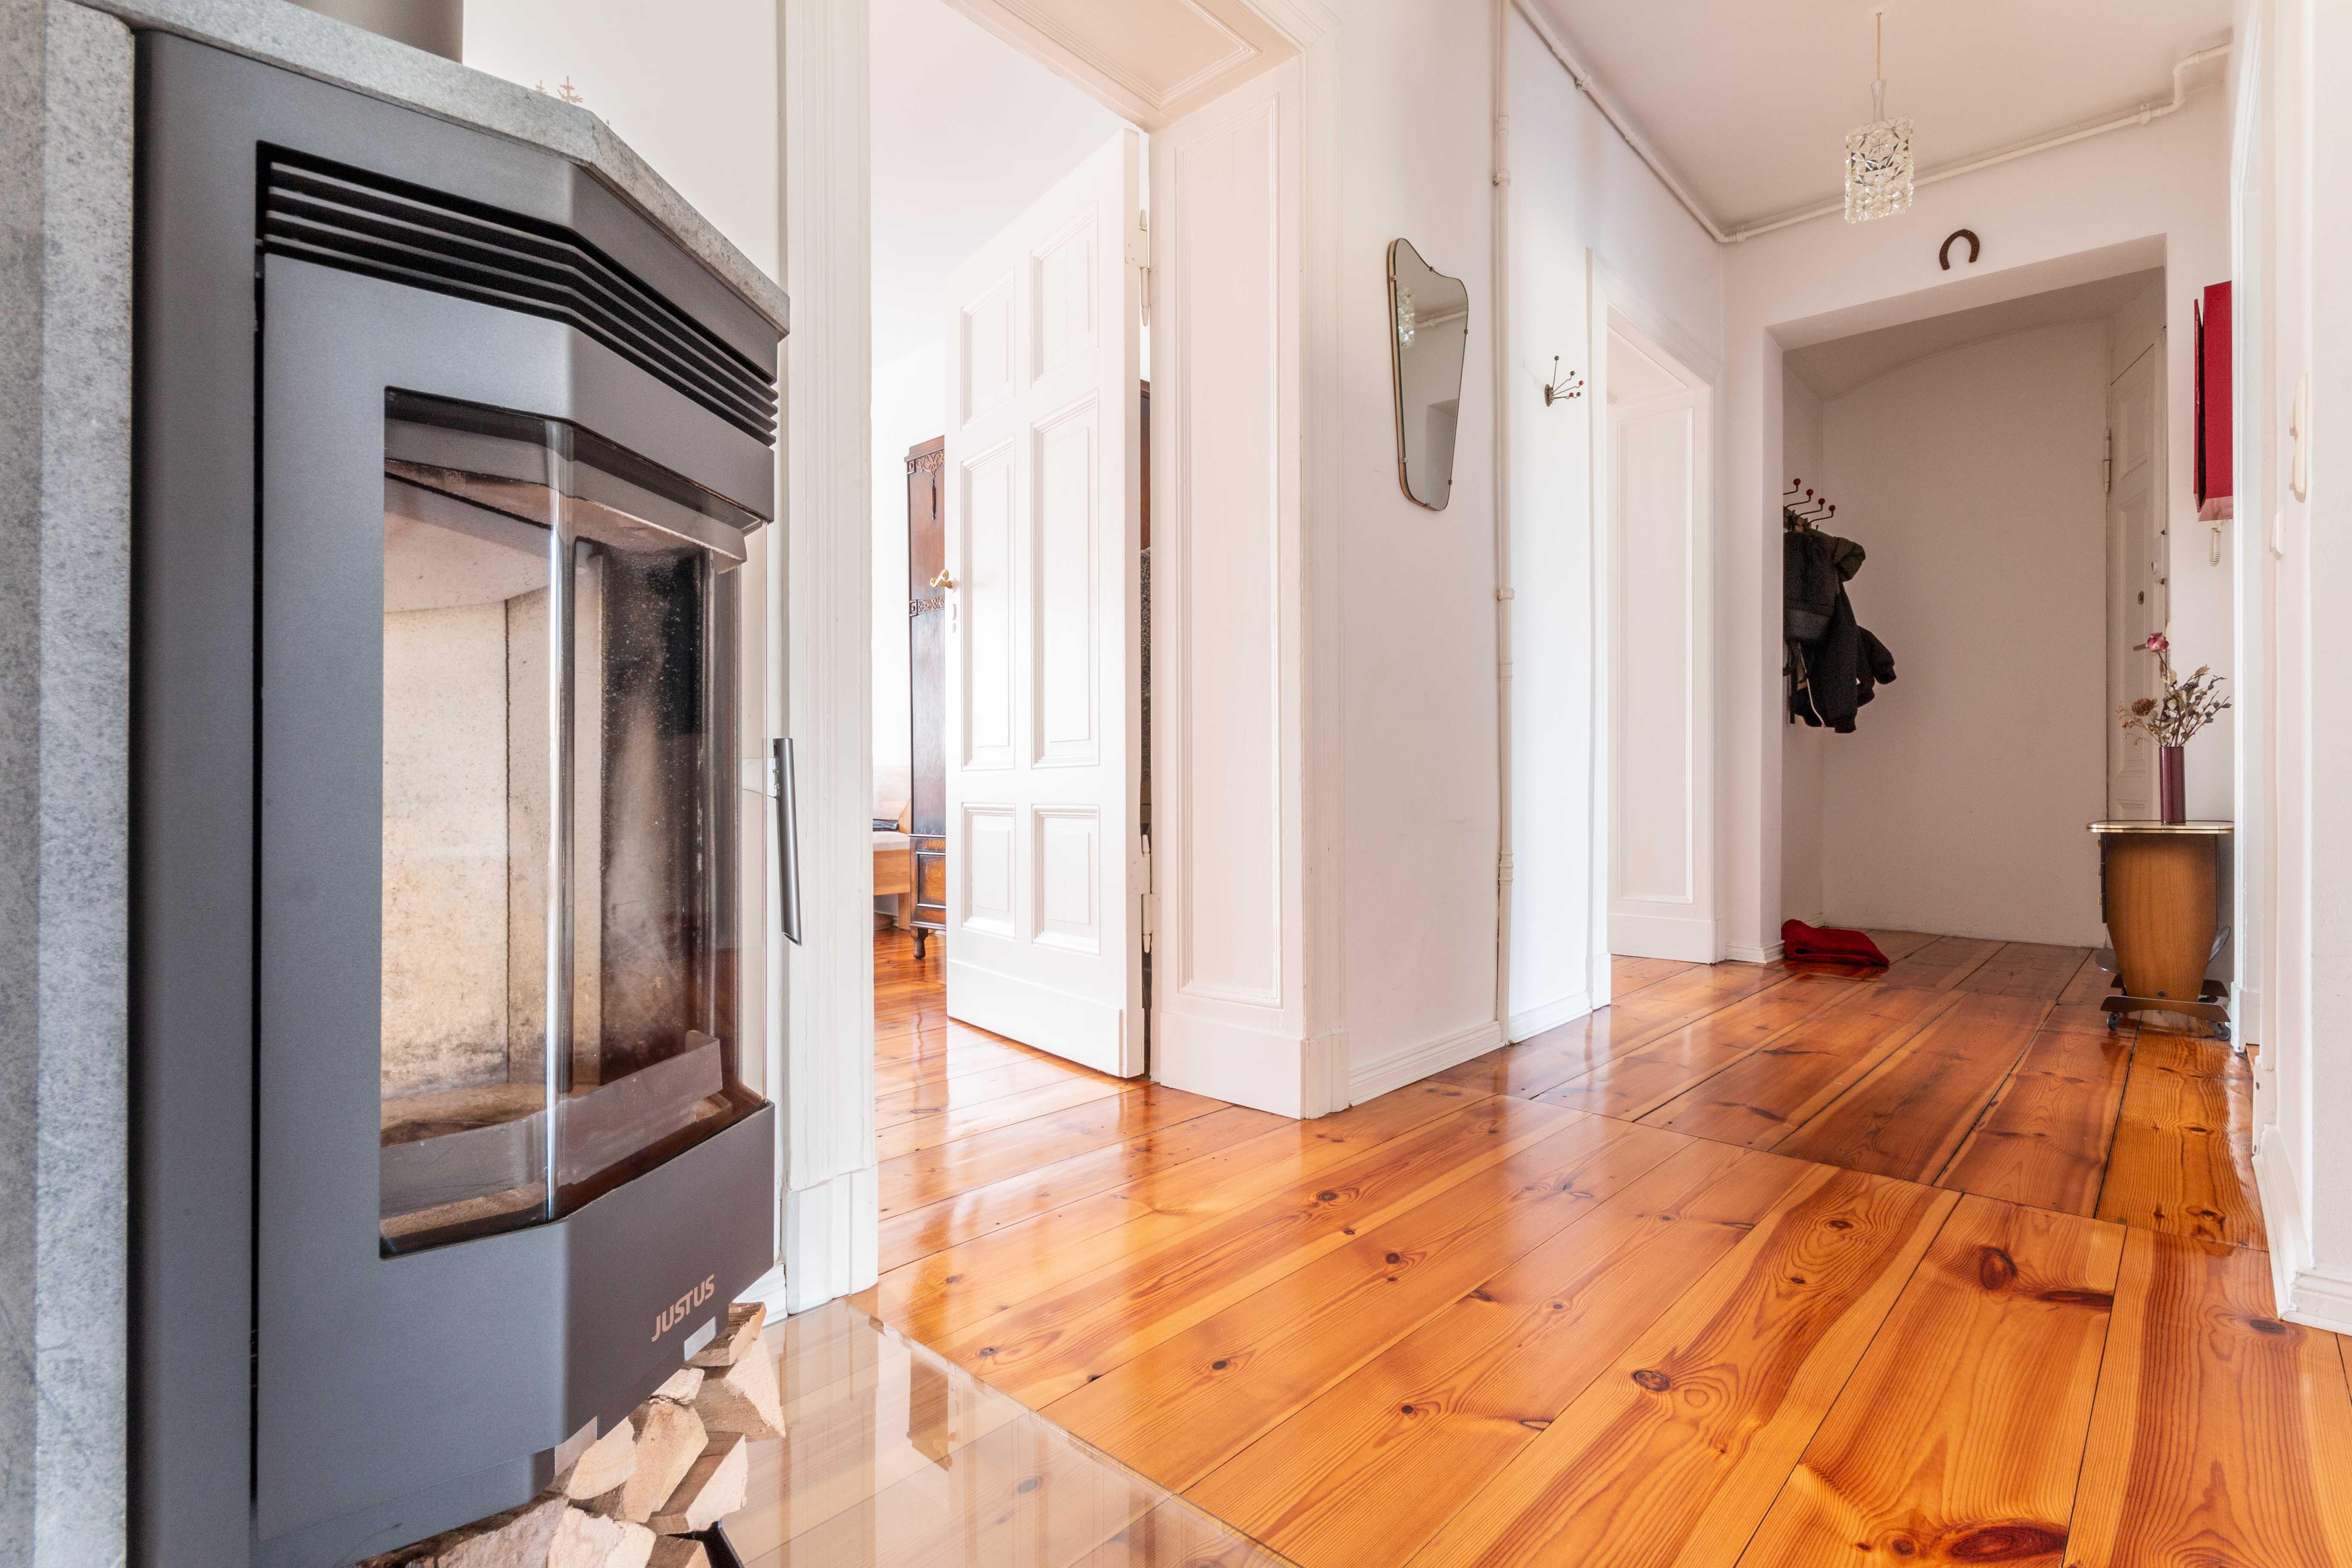 Salle De Bain Avec 2 Entrees 2 appartements - combinables en duplex avec cheminée +